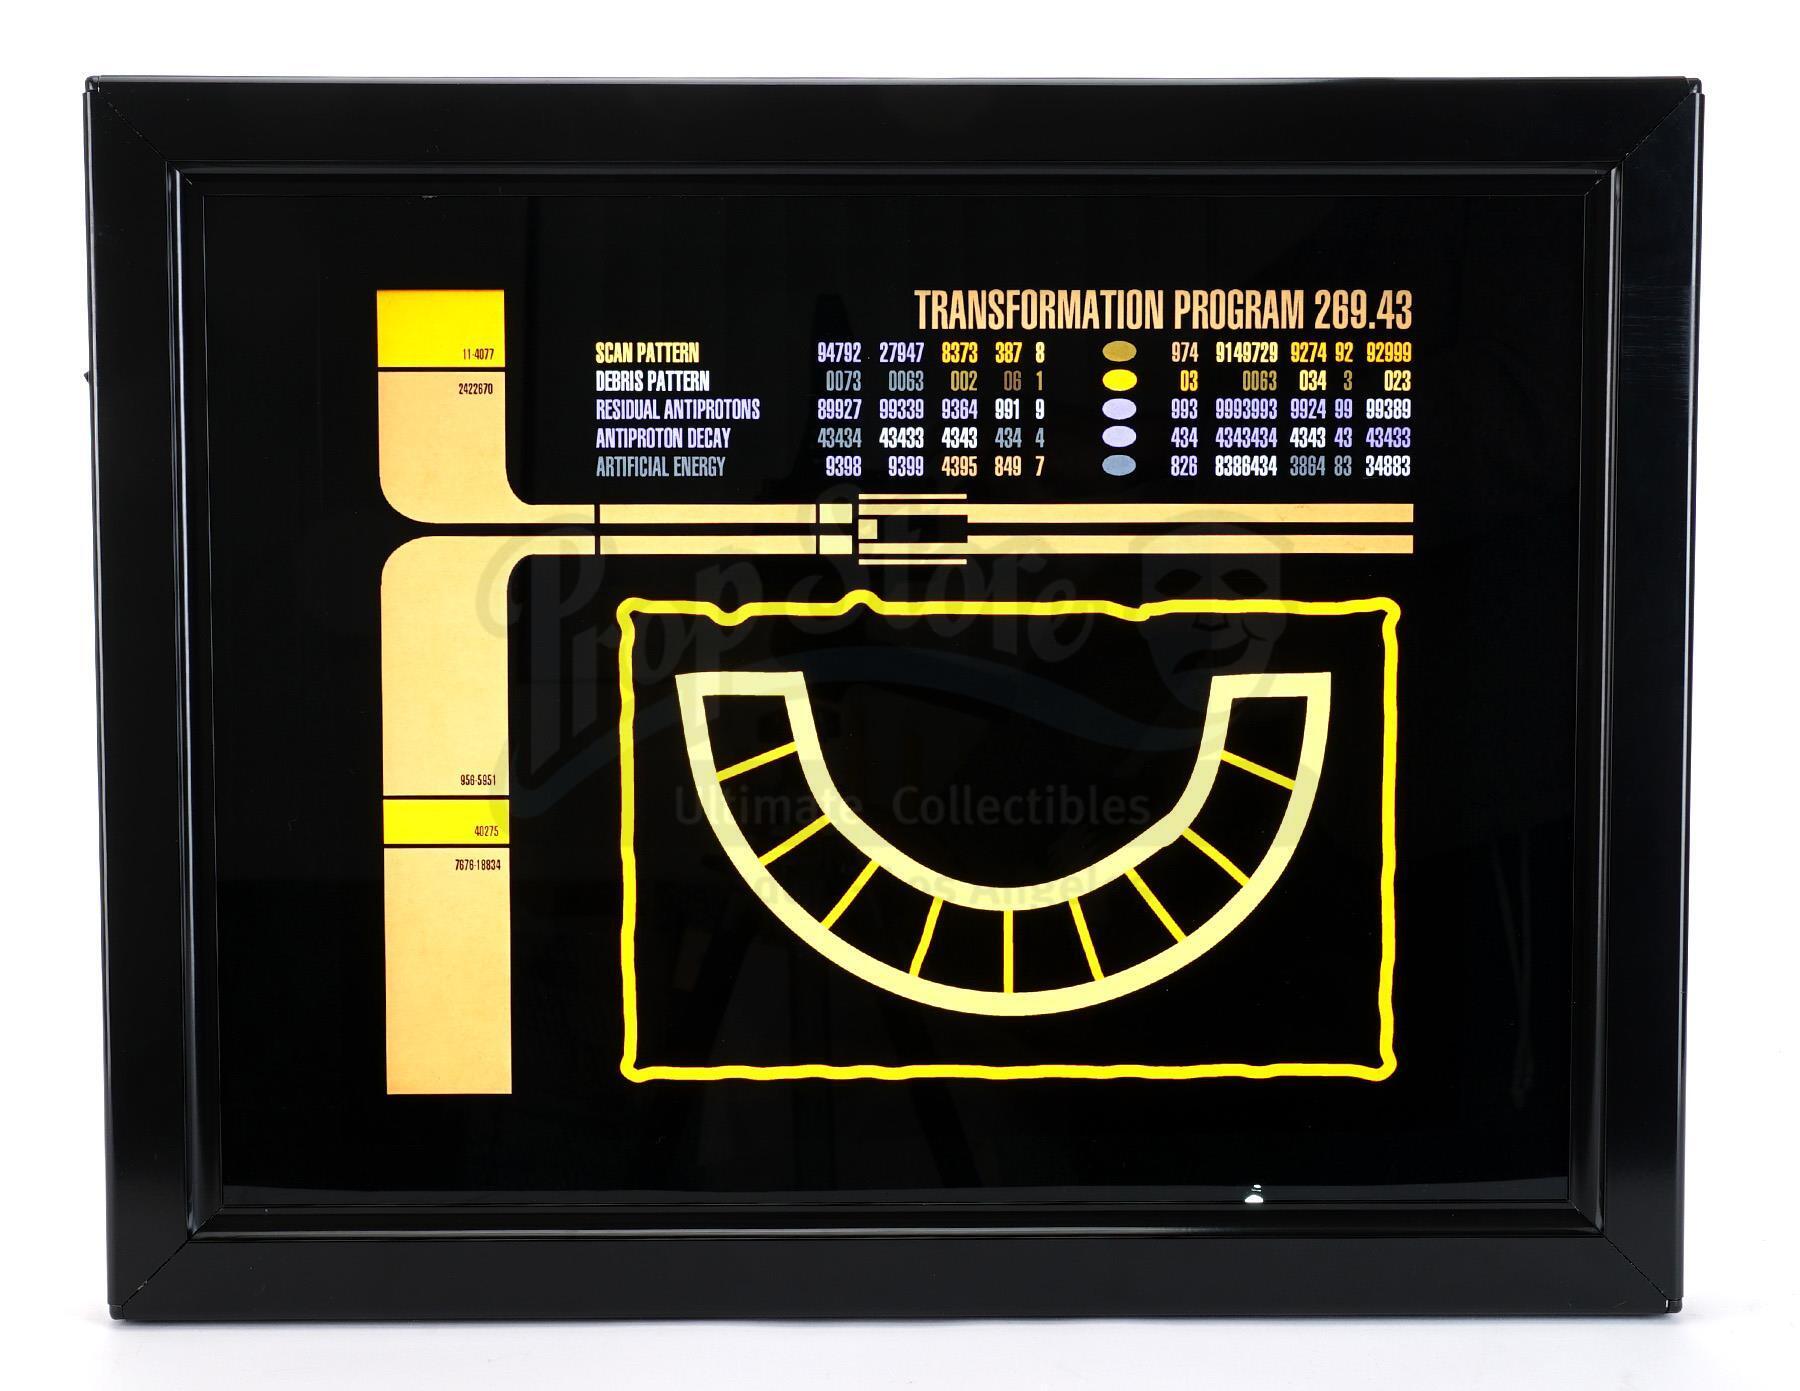 Lot # 1064: STAR TREK: THE NEXT GENERATION - Framed Light-Up Transformation Program LCARS Panel